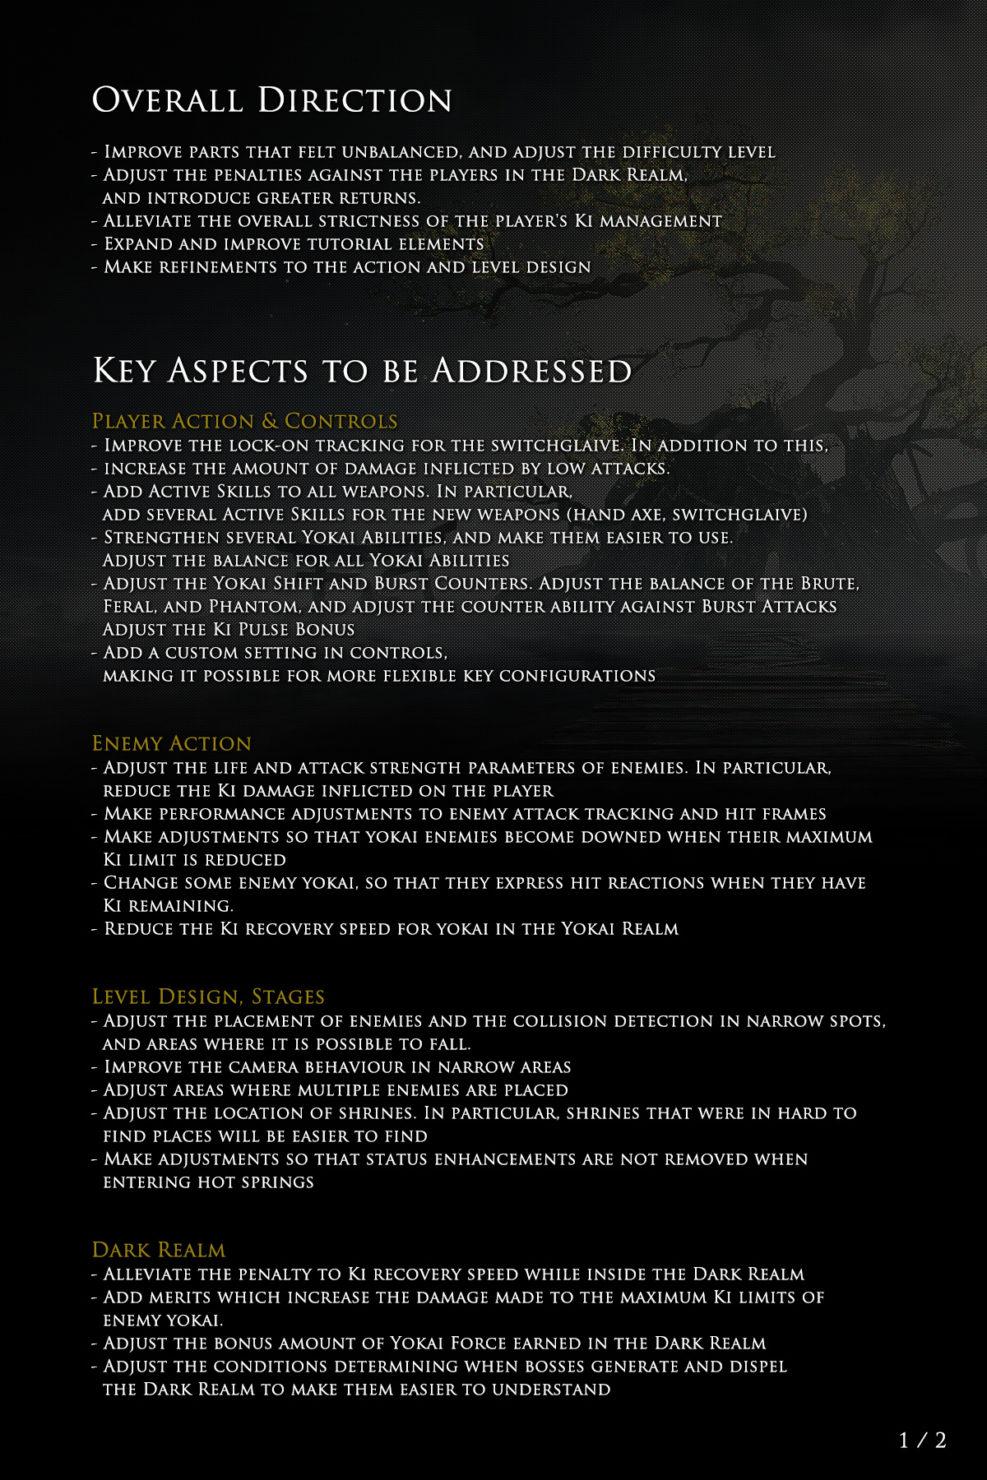 Changements apportés à Nioh 2 page 1